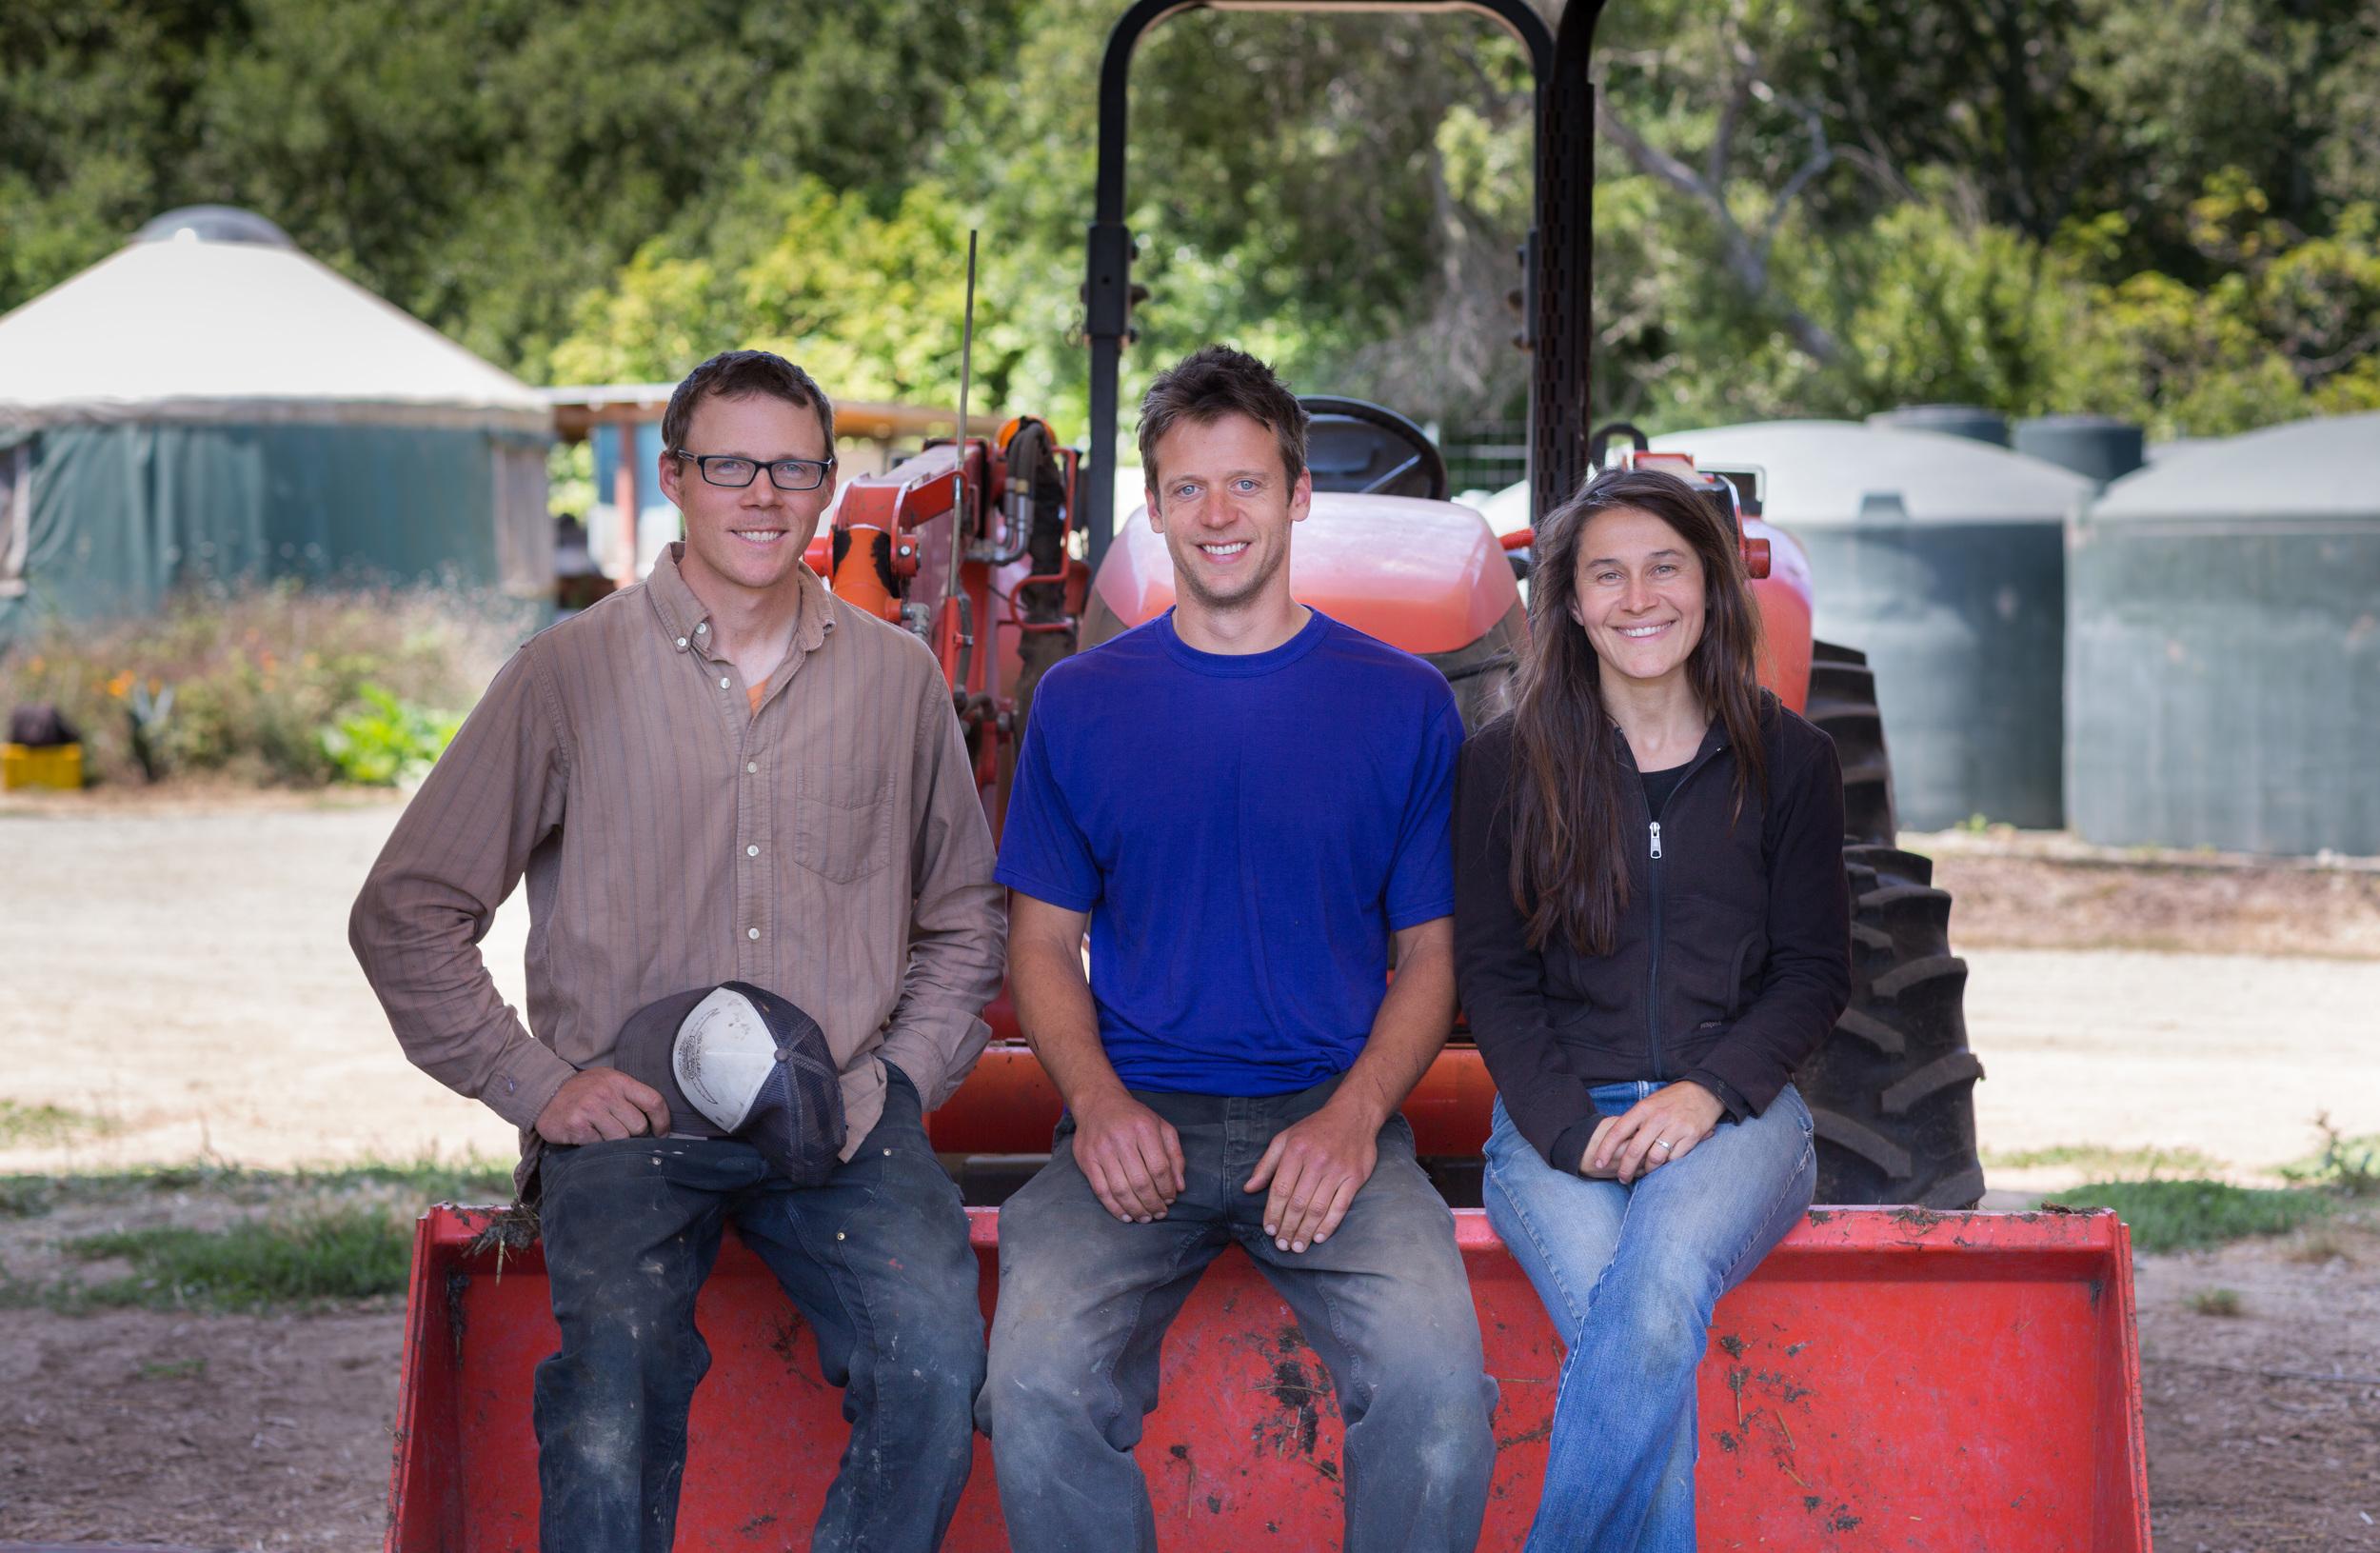 John, Mike and Teresa, Farmers